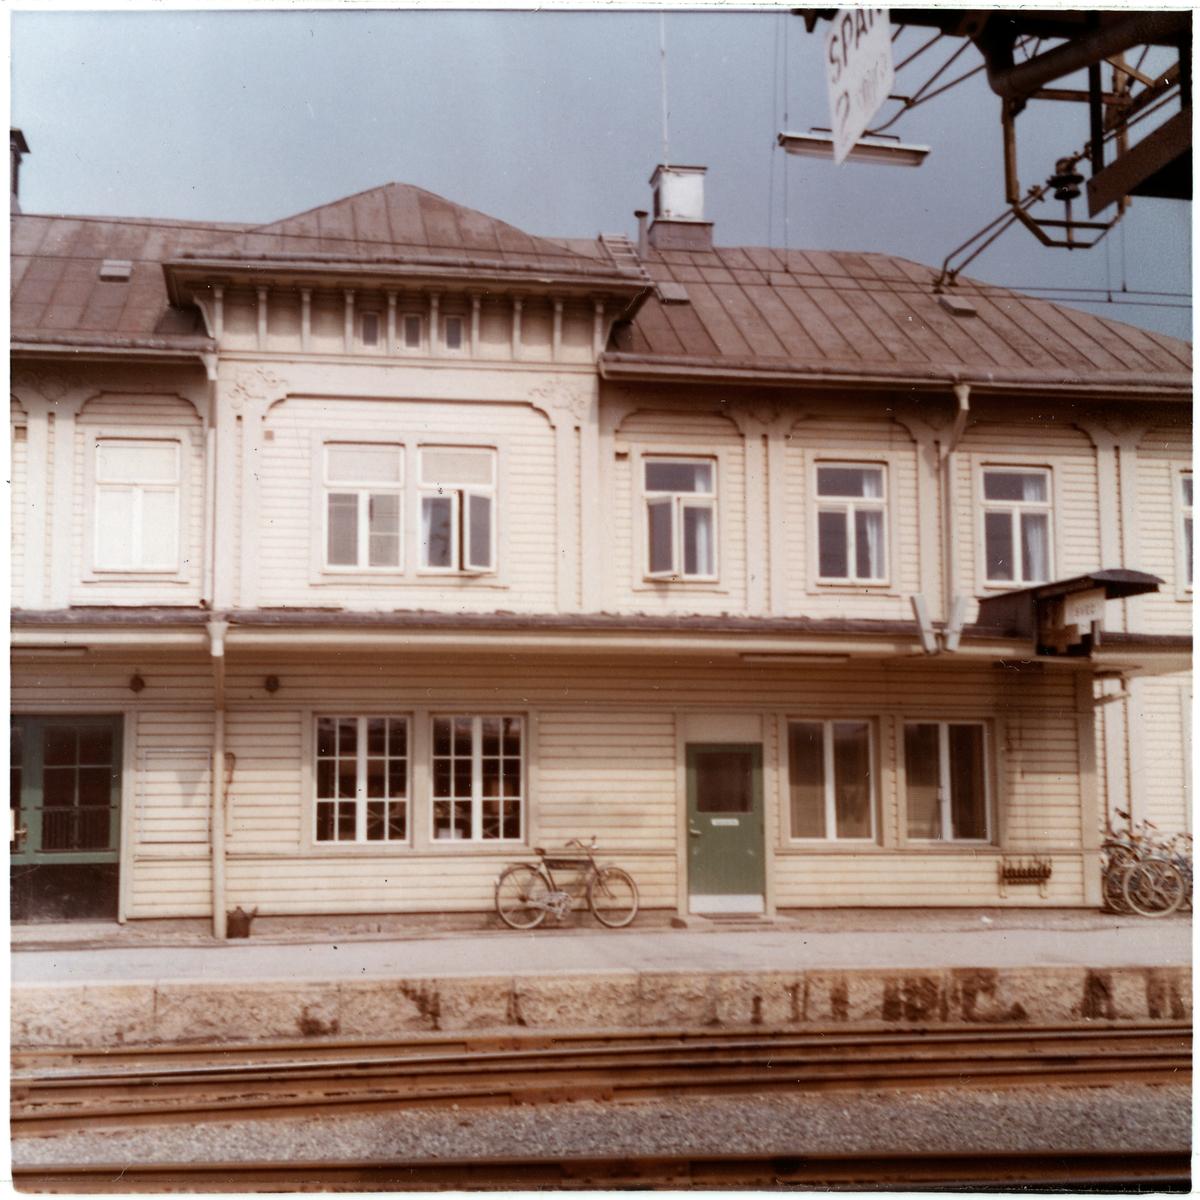 Del av fasaden.